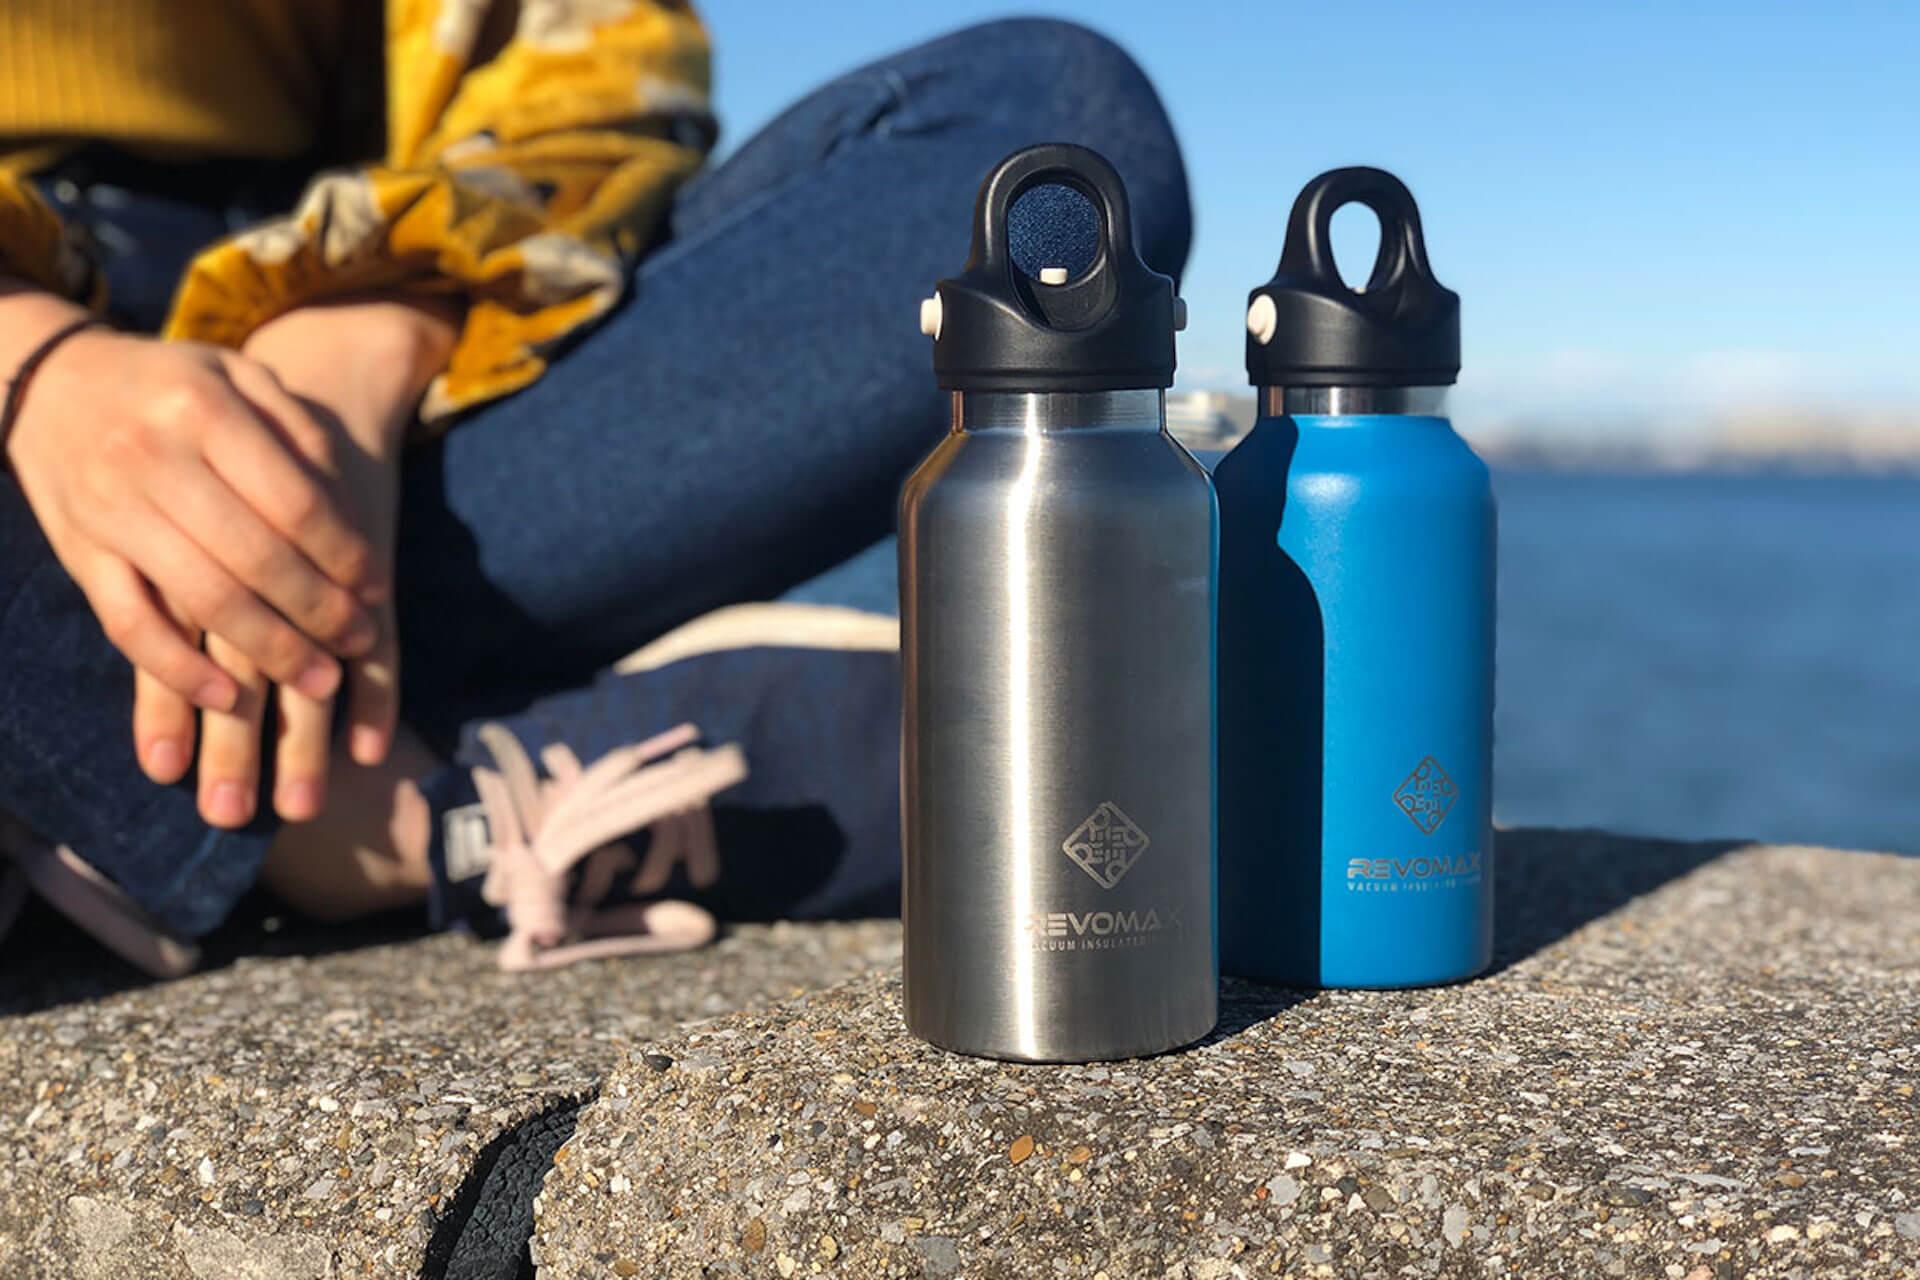 【2020年・最新おすすめ水筒21選!】スリムから大容量まで、機能性とデザイン性を兼ね備えたおしゃれボトルを厳選! tech200730_jeep_bottle_6